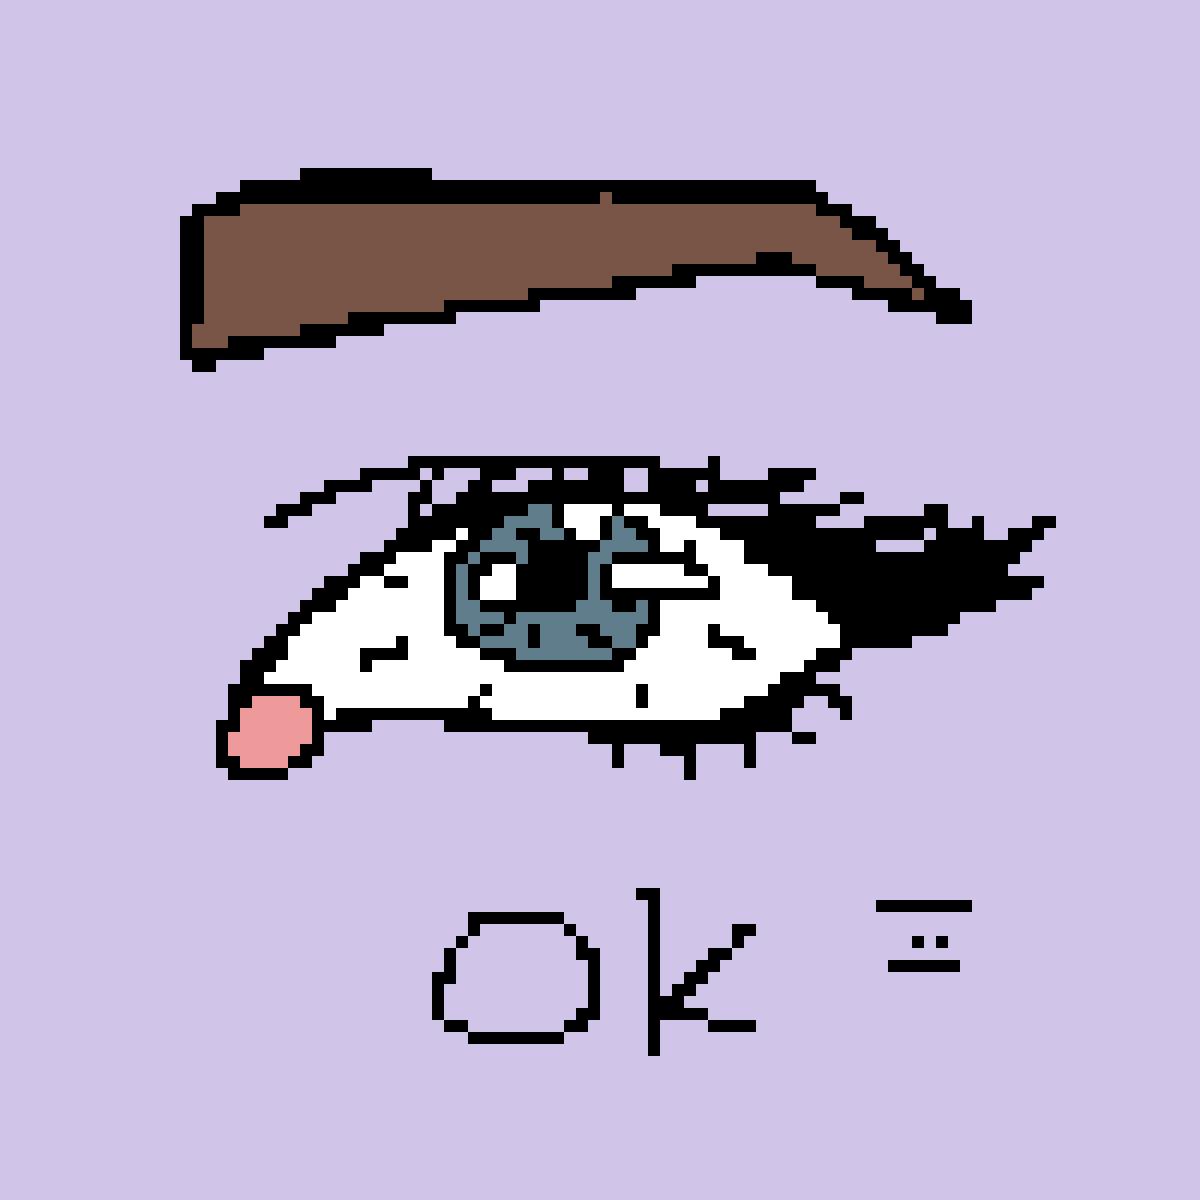 eyeball by TheYellowWolf